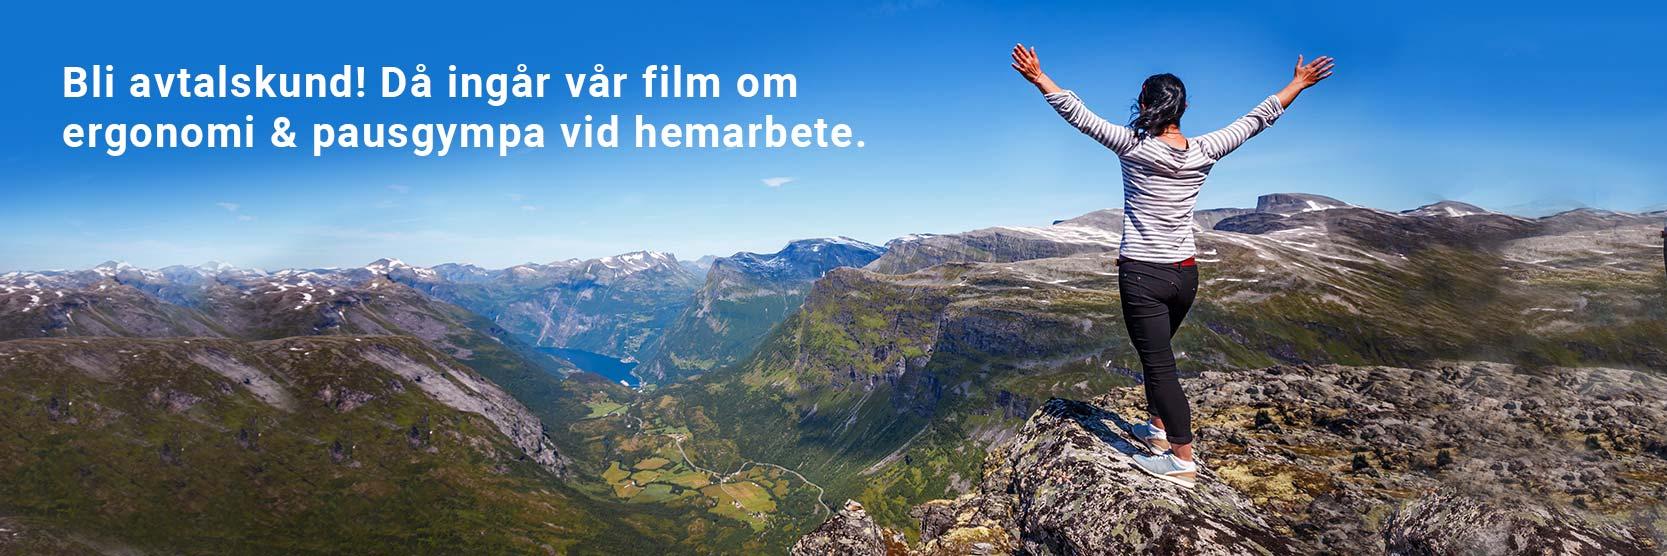 Kvinna som står på ett berg, text vi kan ge behandling på distans